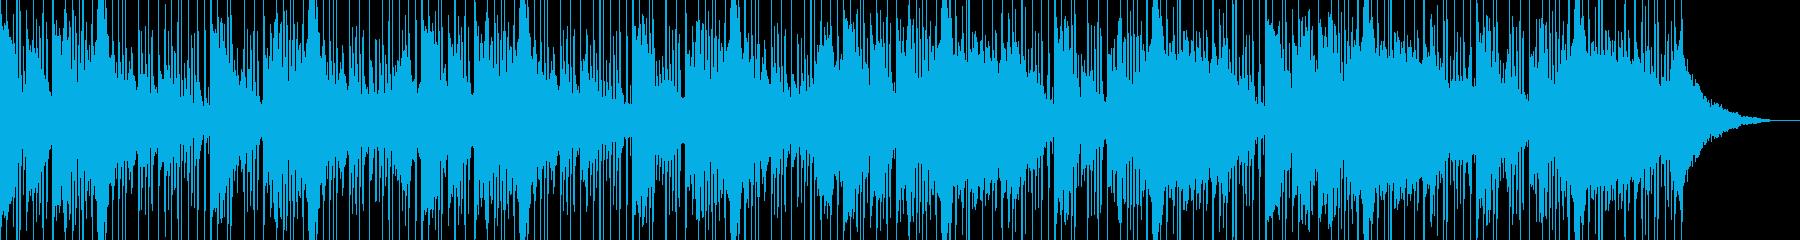 メロディ無、不気味な不快感を感じるBGMの再生済みの波形